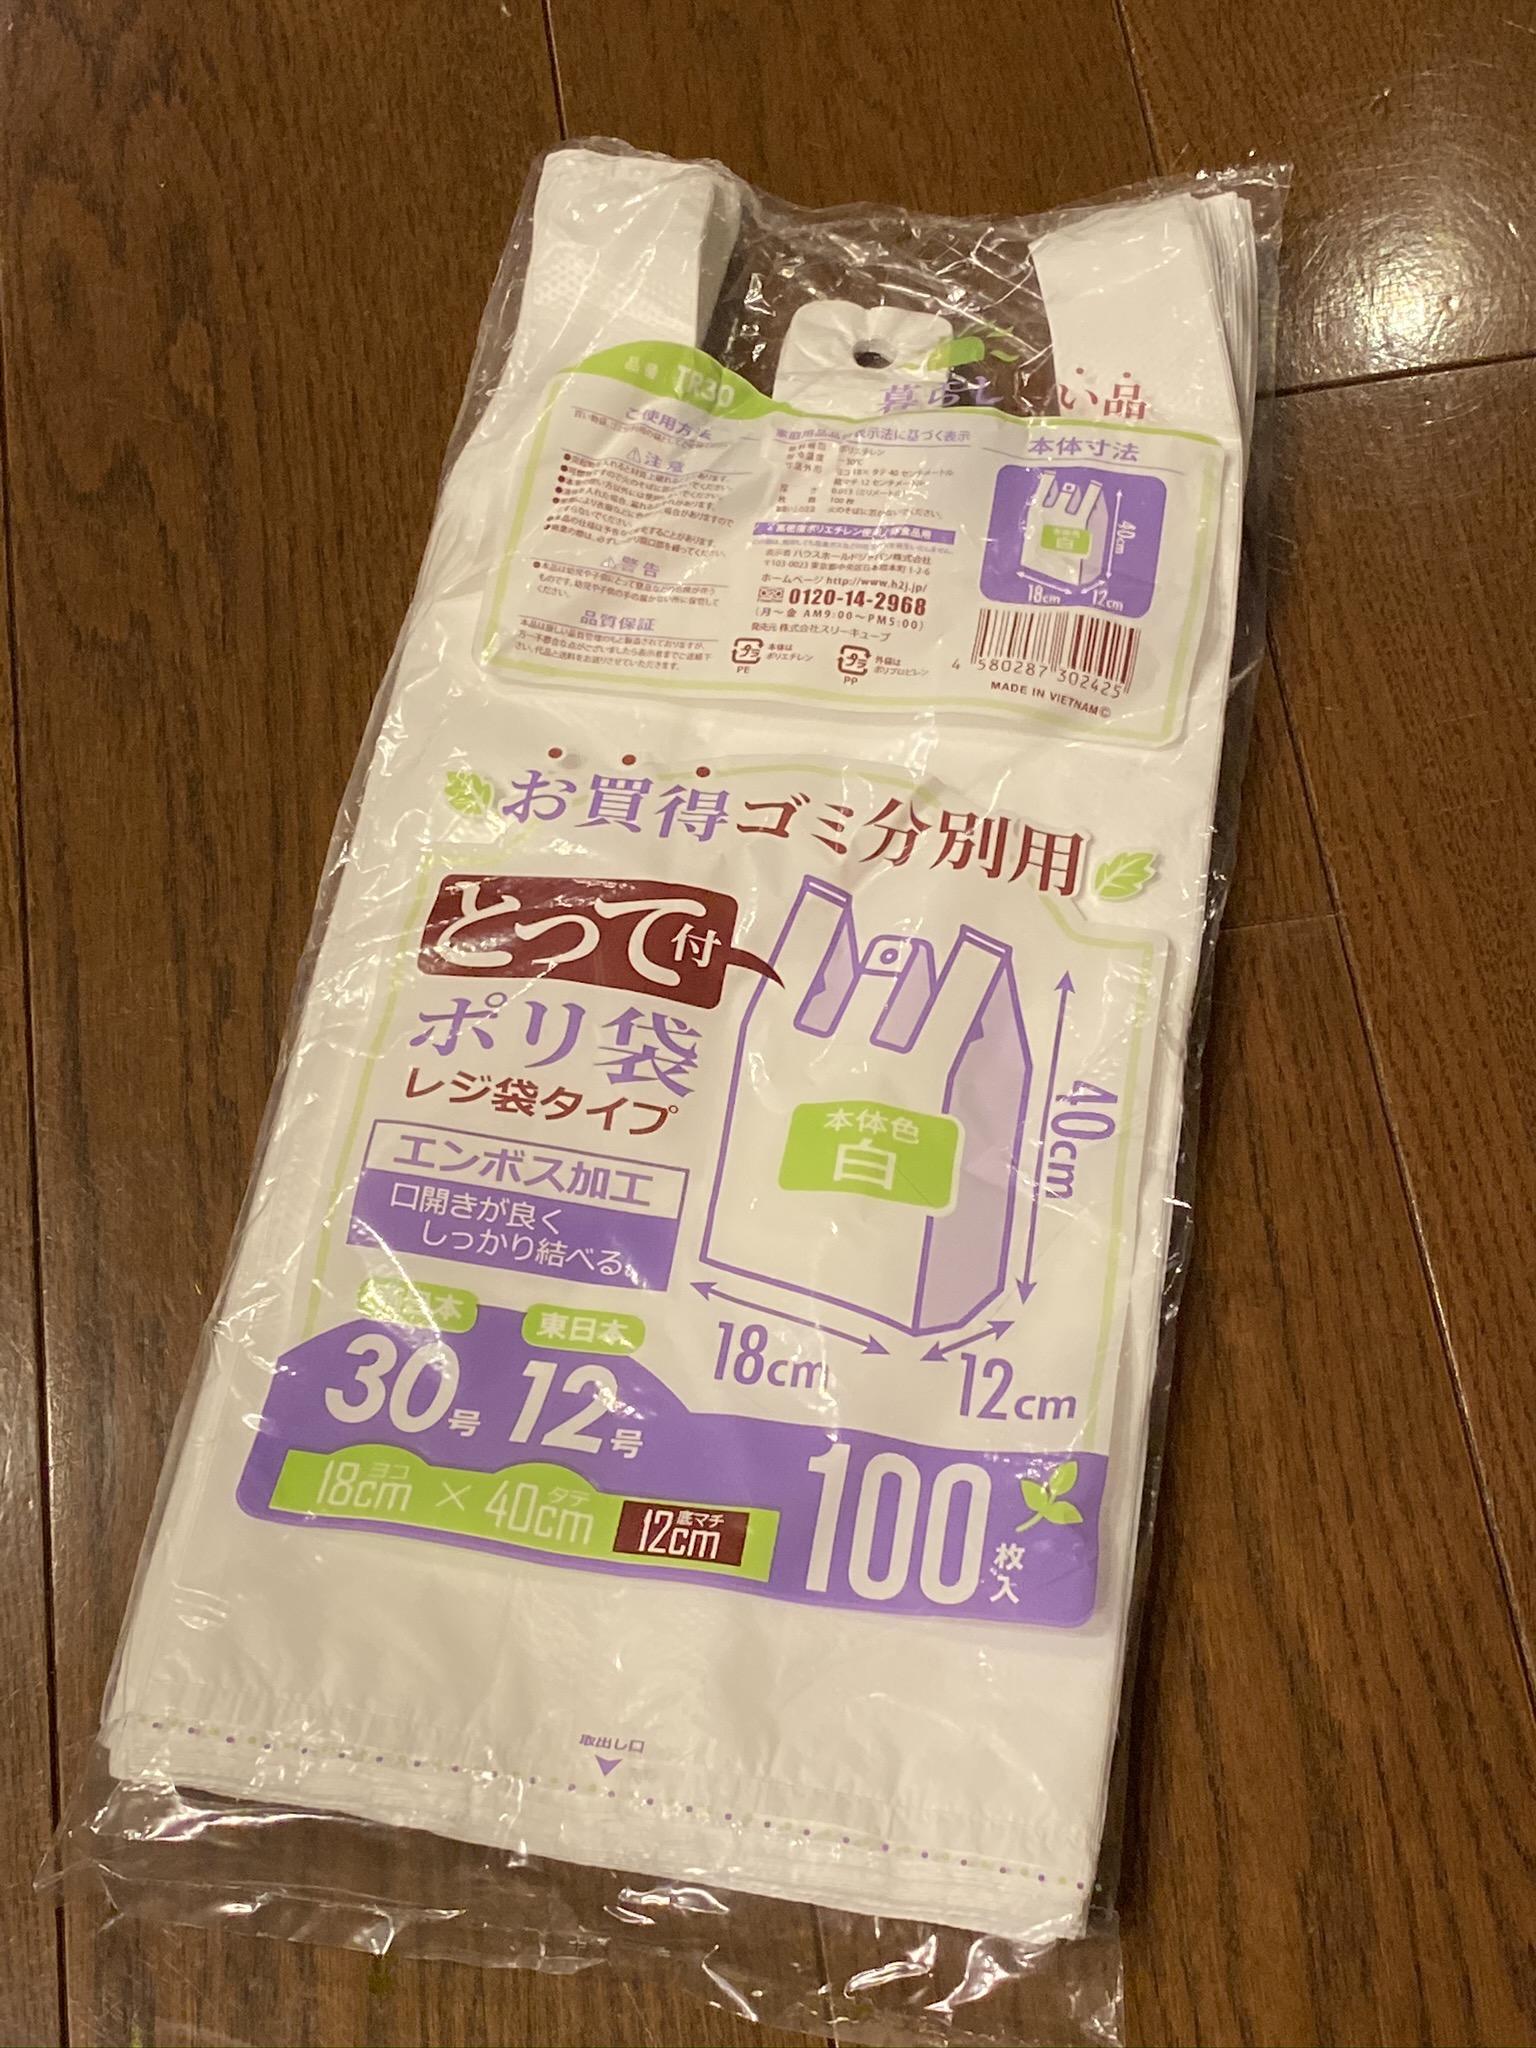 ハウスホールドジャパン レジ袋 取っ手付 ゴミ分別用ポリ袋